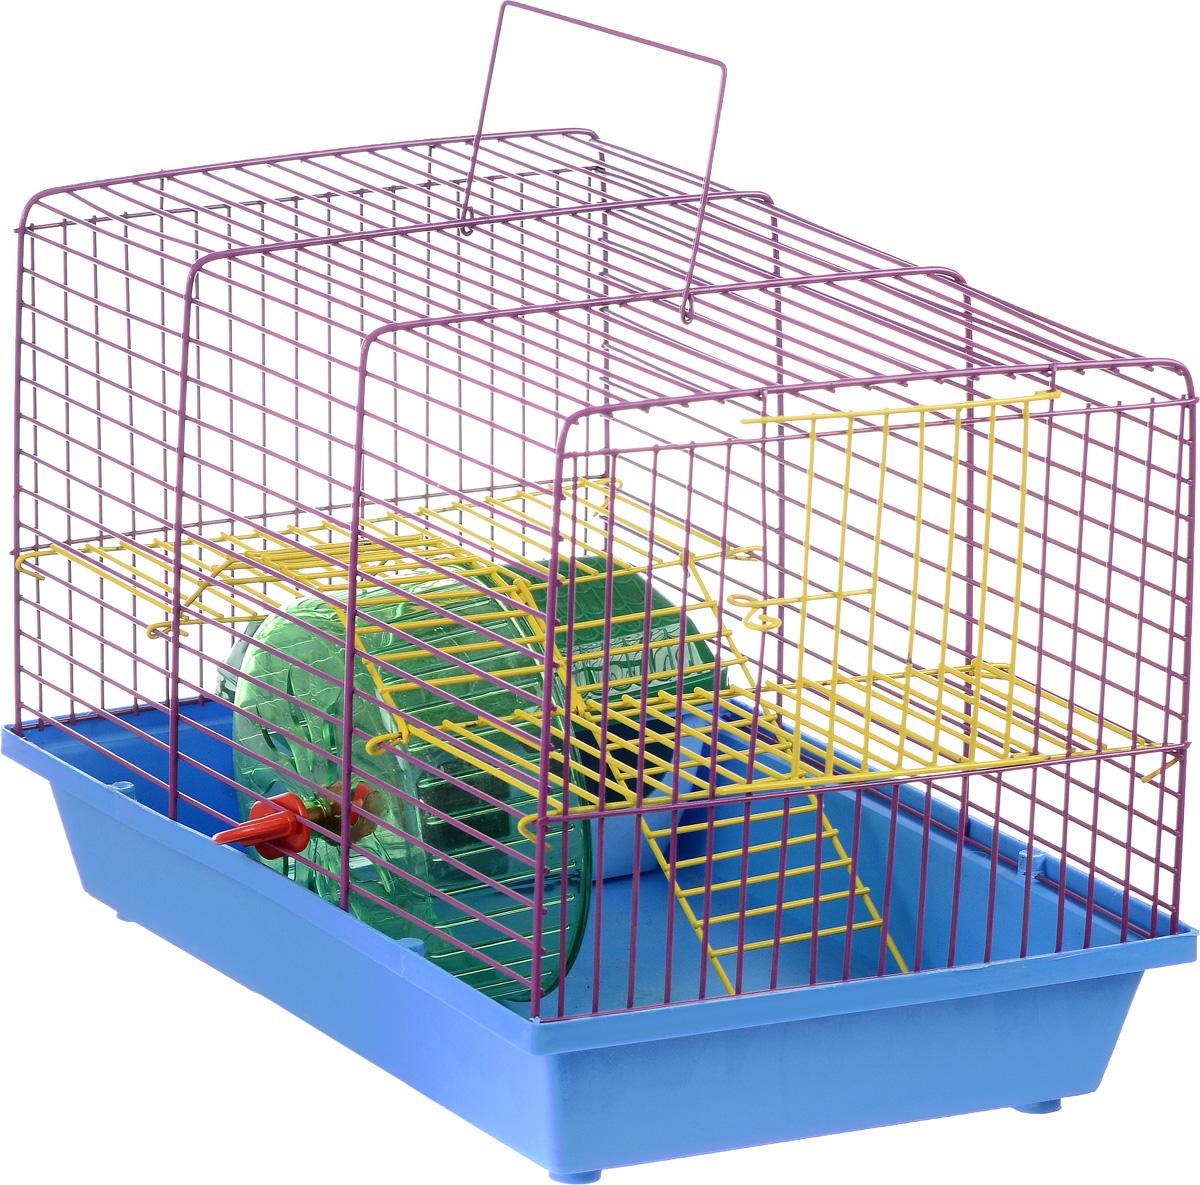 Клетка для грызунов Зоомарк Венеция, 2-этажная, цвет: голубой поддон, фиолетовая решетка, желтый этаж, 36 х 23 х 24 см0120710Клетка Венеция, выполненная из полипропилена и металла, подходит для мелких грызунов. Изделие двухэтажное, оборудовано колесом для подвижных игр и пластиковым домиком. Клетка имеет яркий поддон, удобна в использовании и легко чистится. Сверху имеется ручка для переноски. Такая клетка станет уединенным личным пространством и уютным домиком для маленького грызуна.